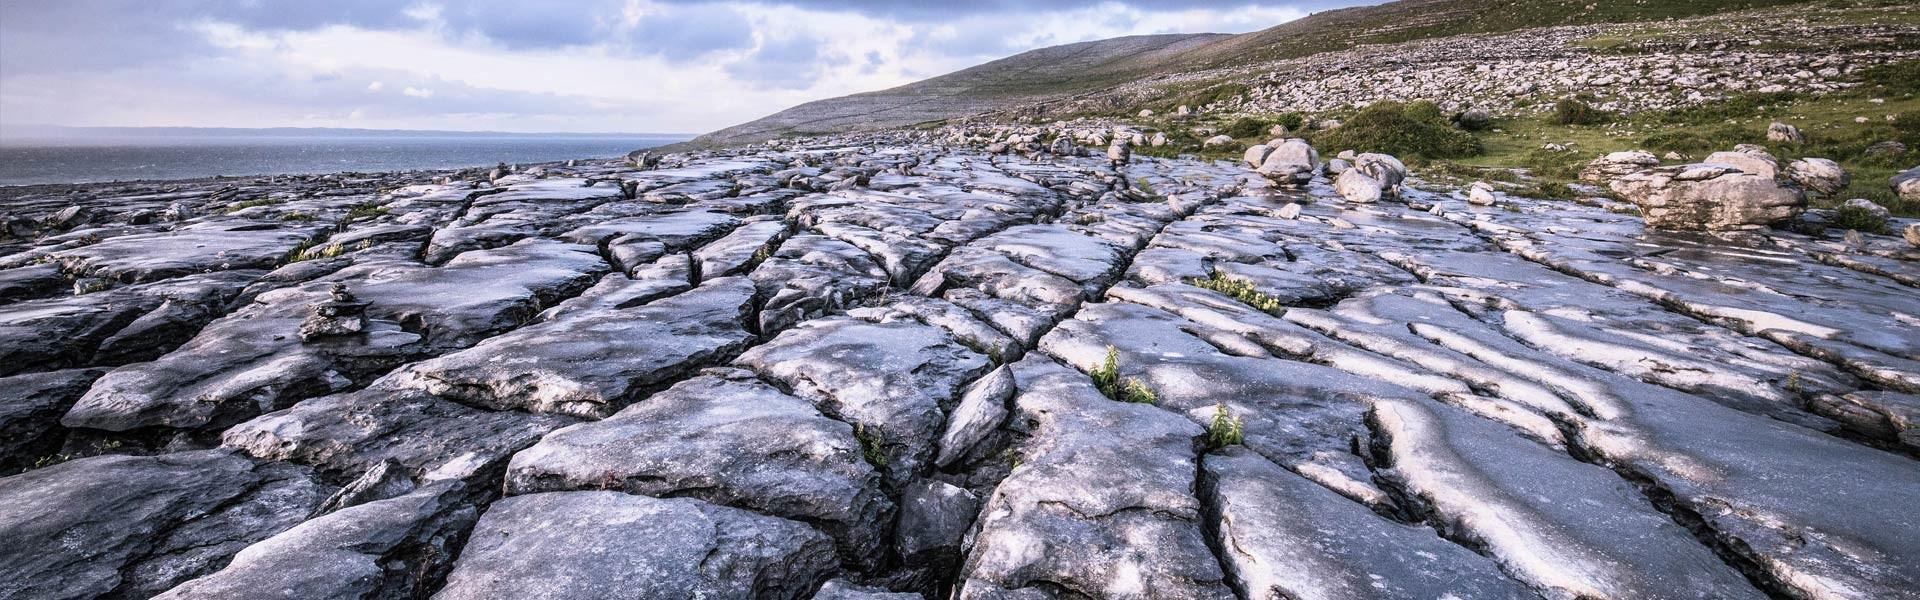 burren-region-ireland